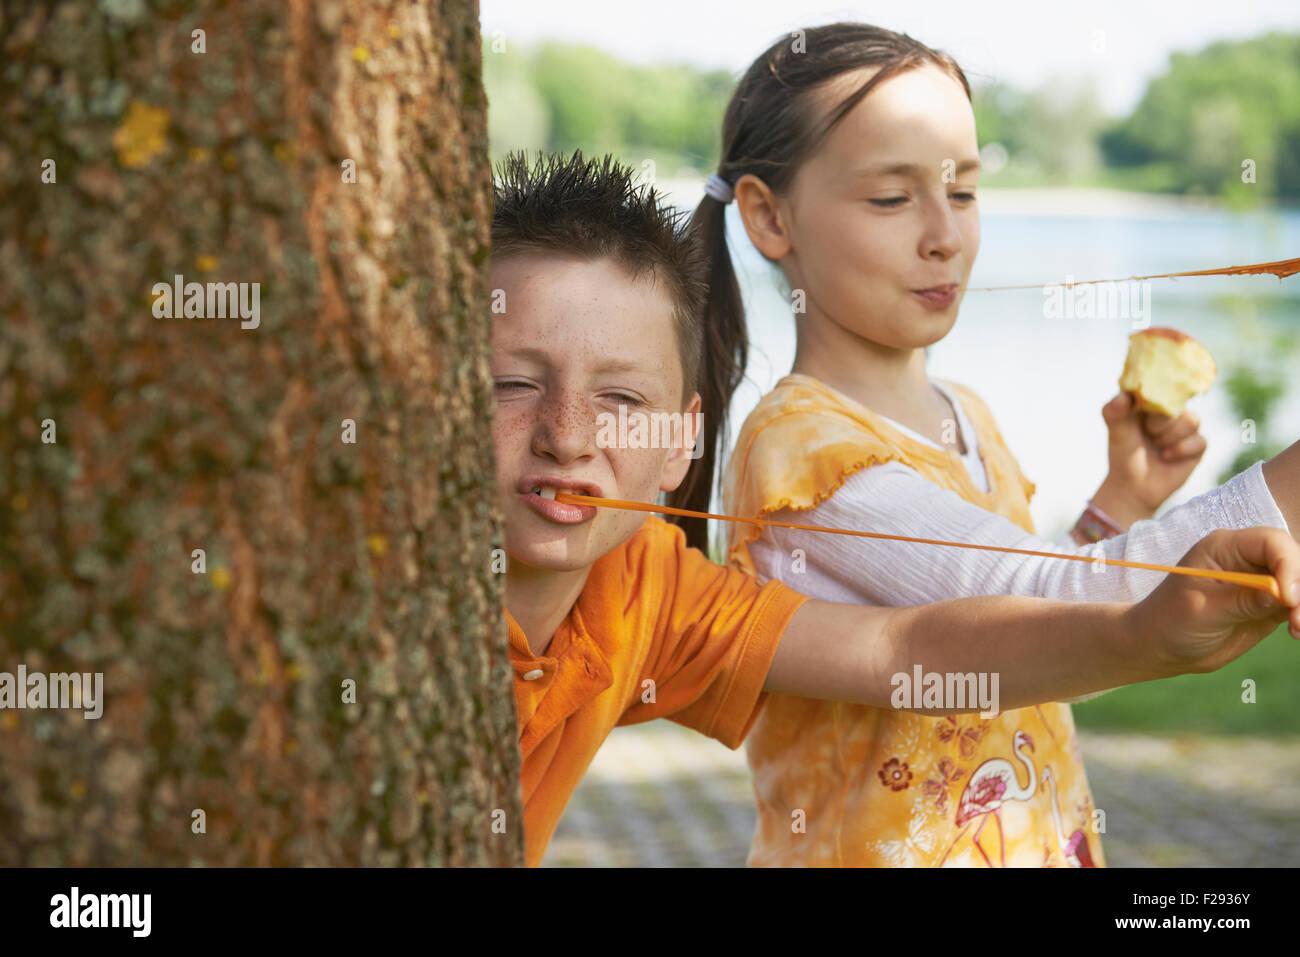 Enfants jouant avec bubble gommes, Bavière, Allemagne Banque D'Images